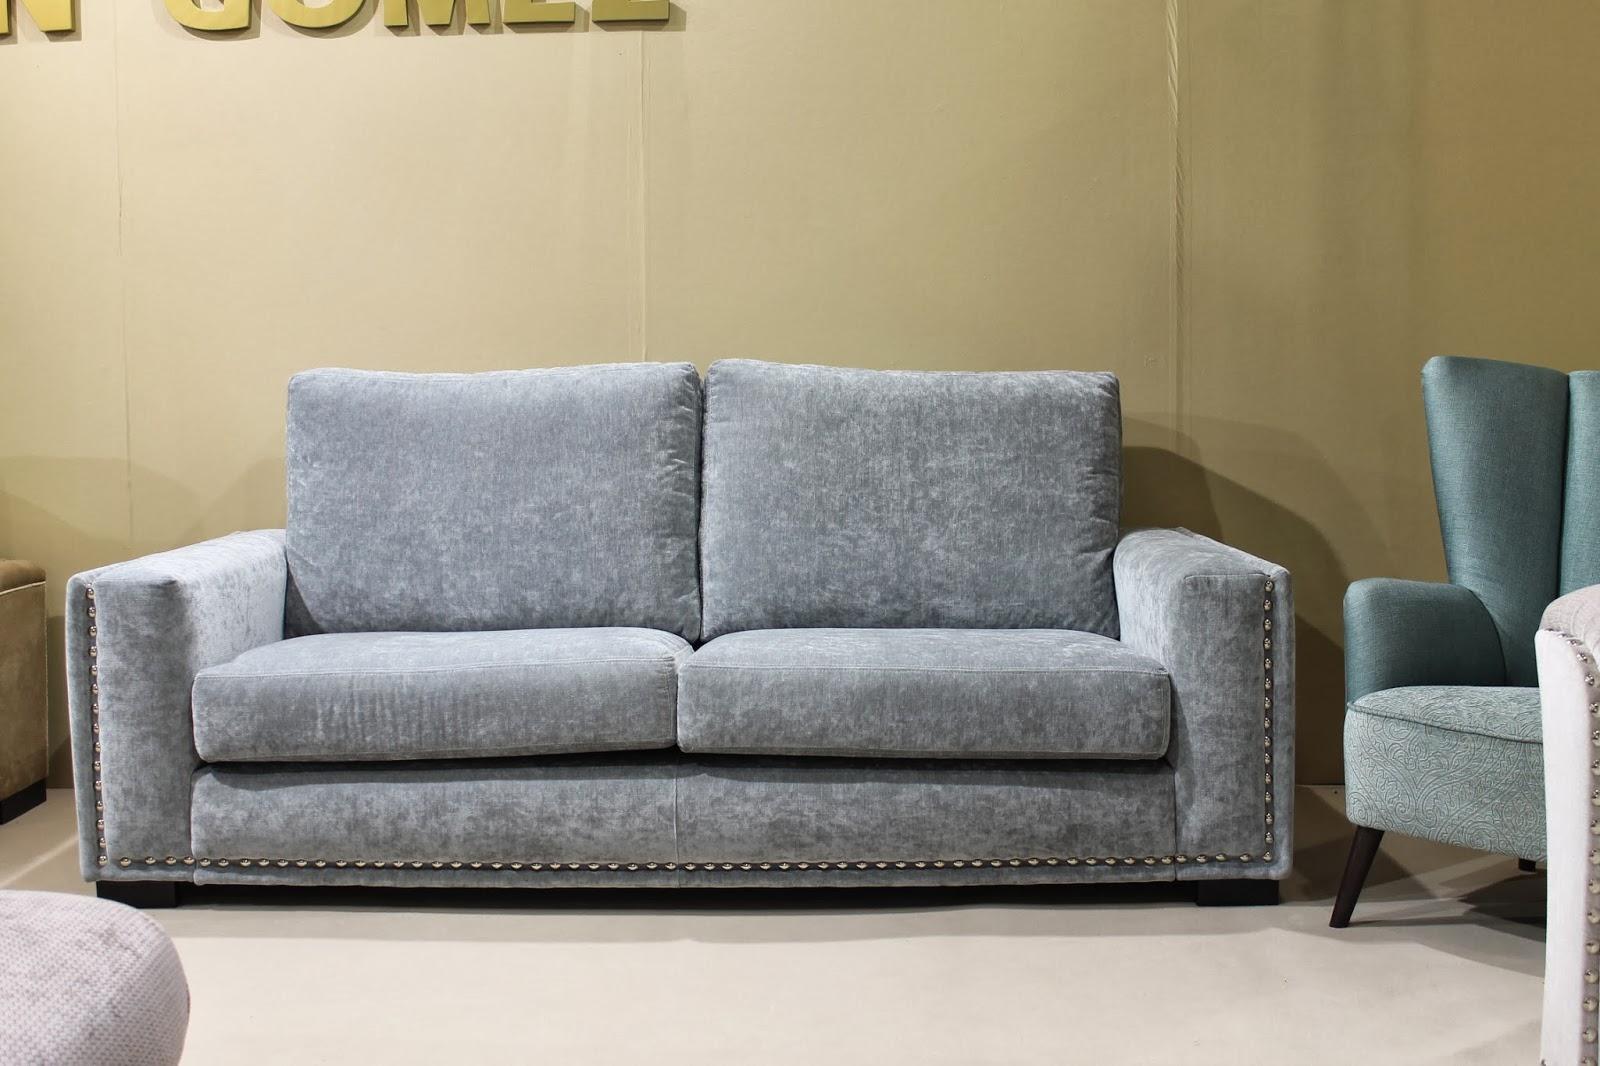 Sofa 3 plazas modelo Saratoga, Elkfo.